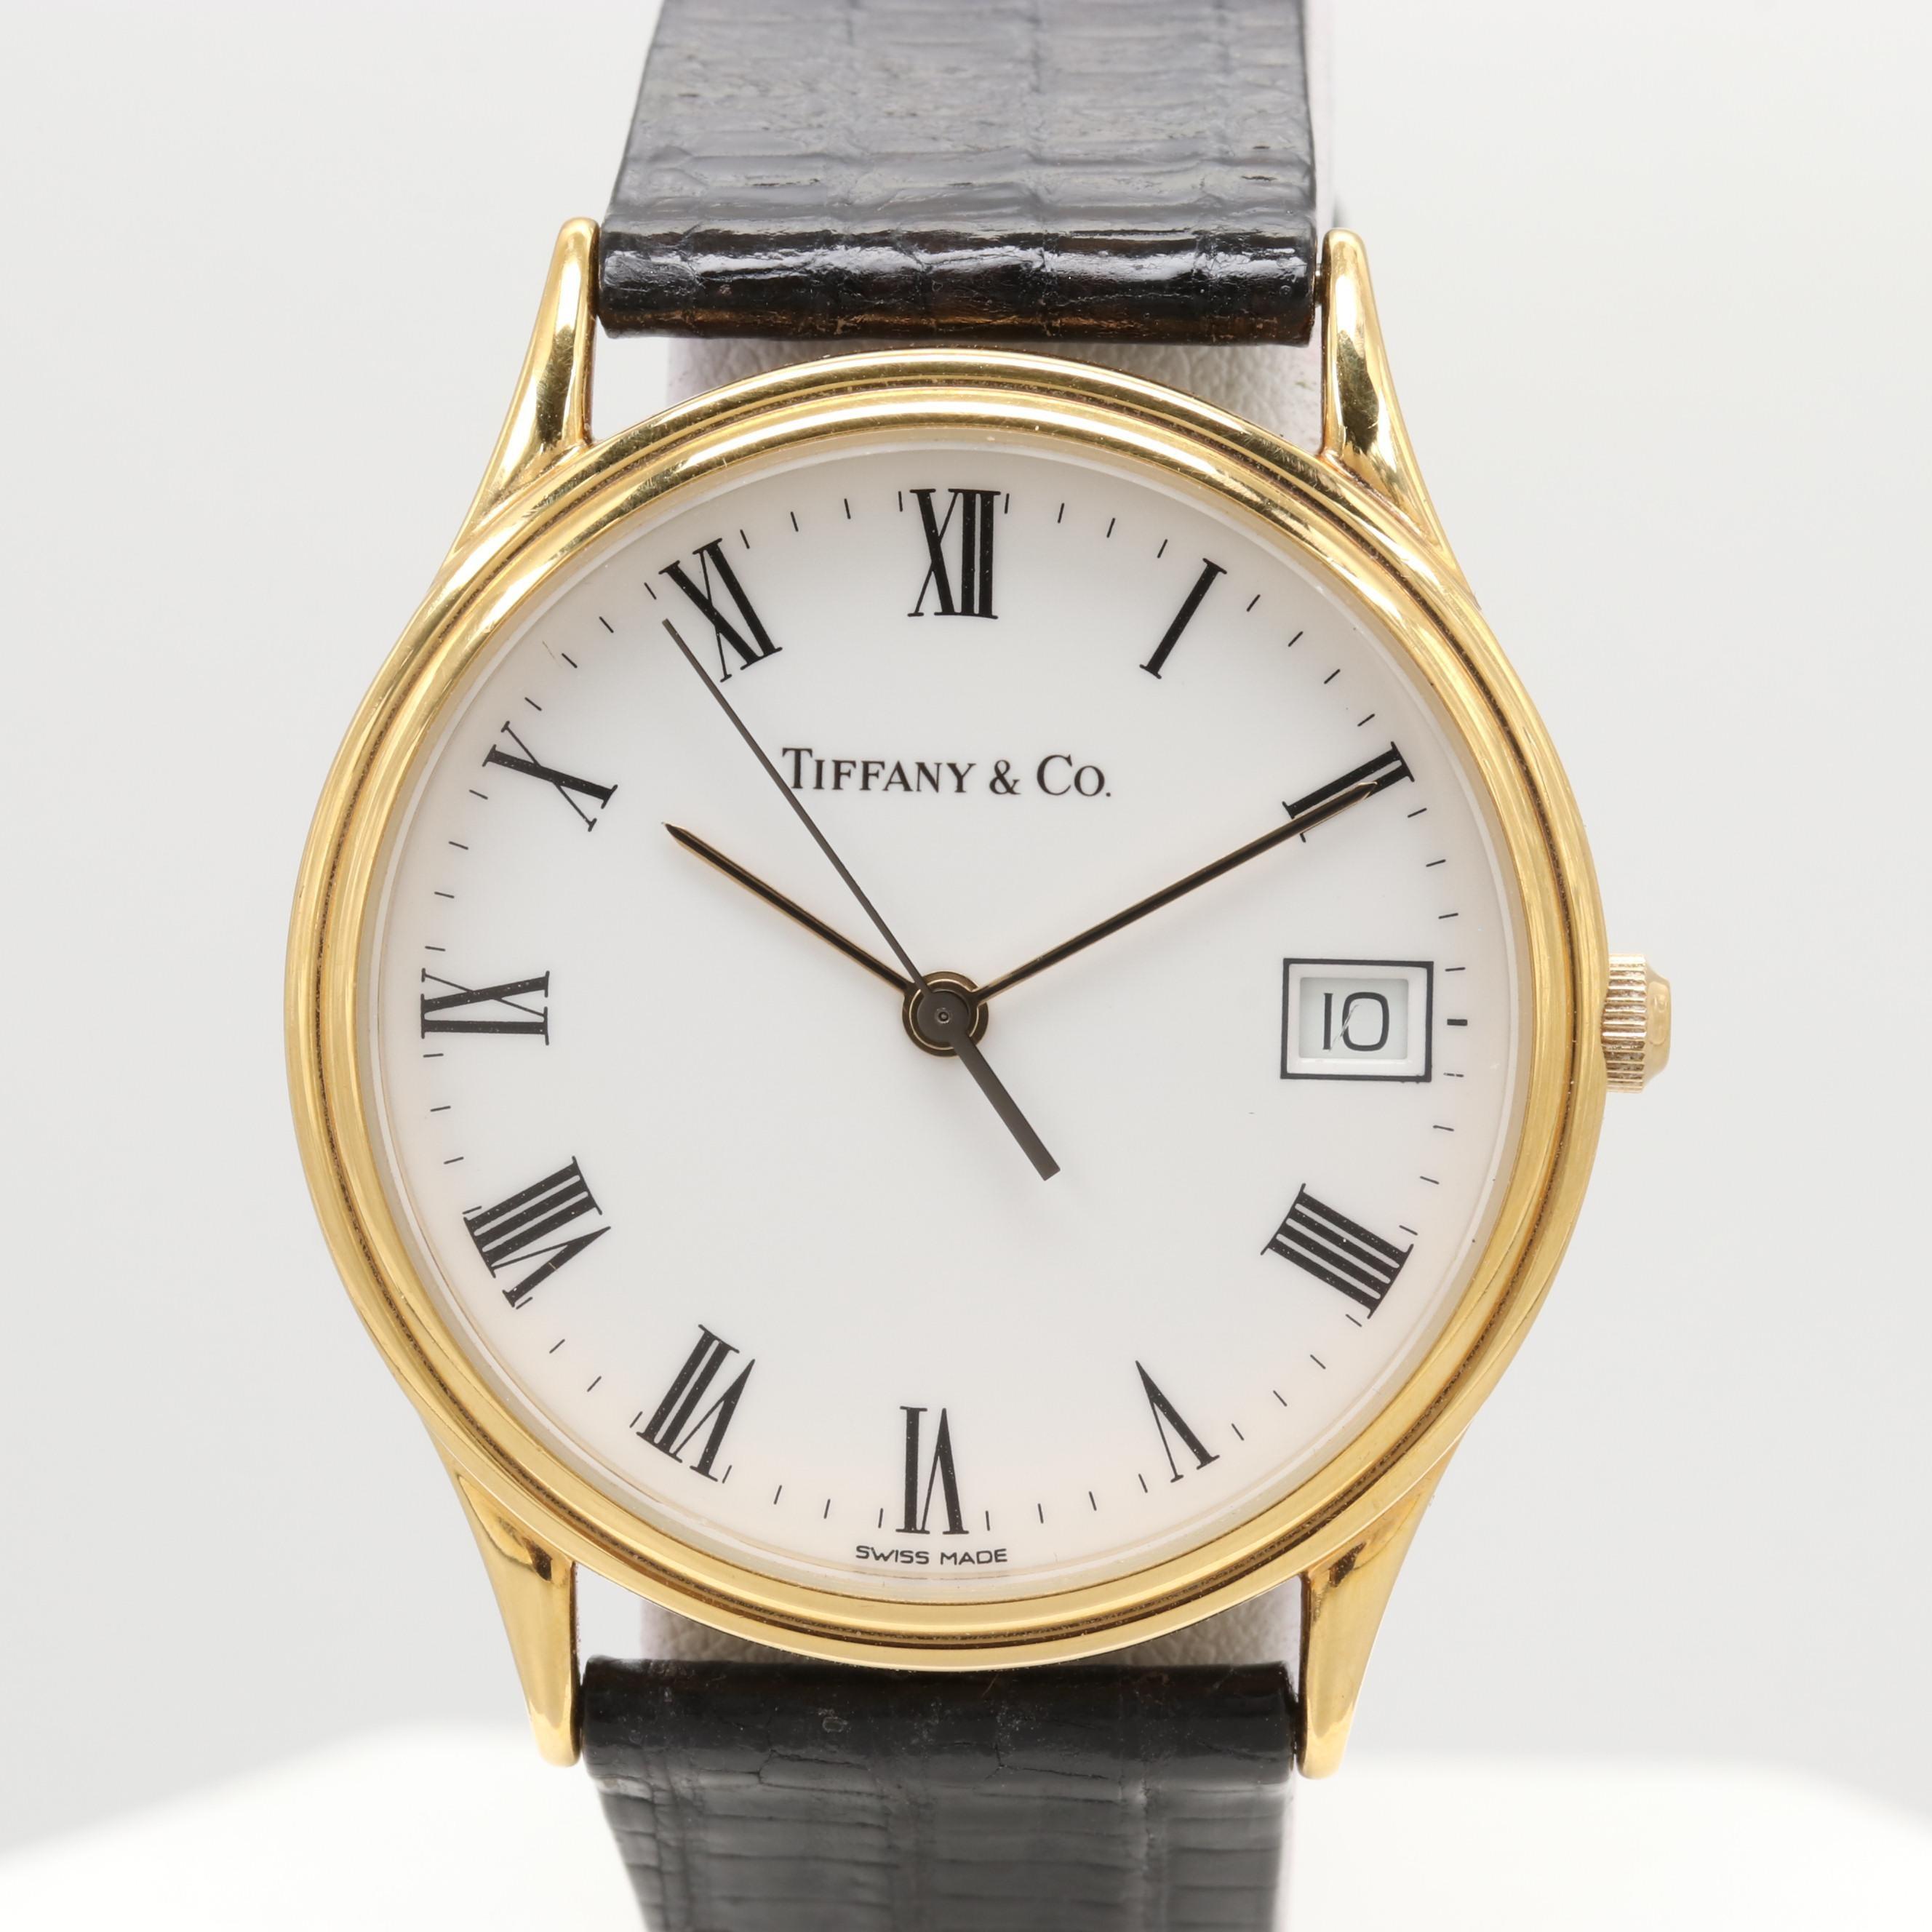 Tiffany & Co. Wristwatch